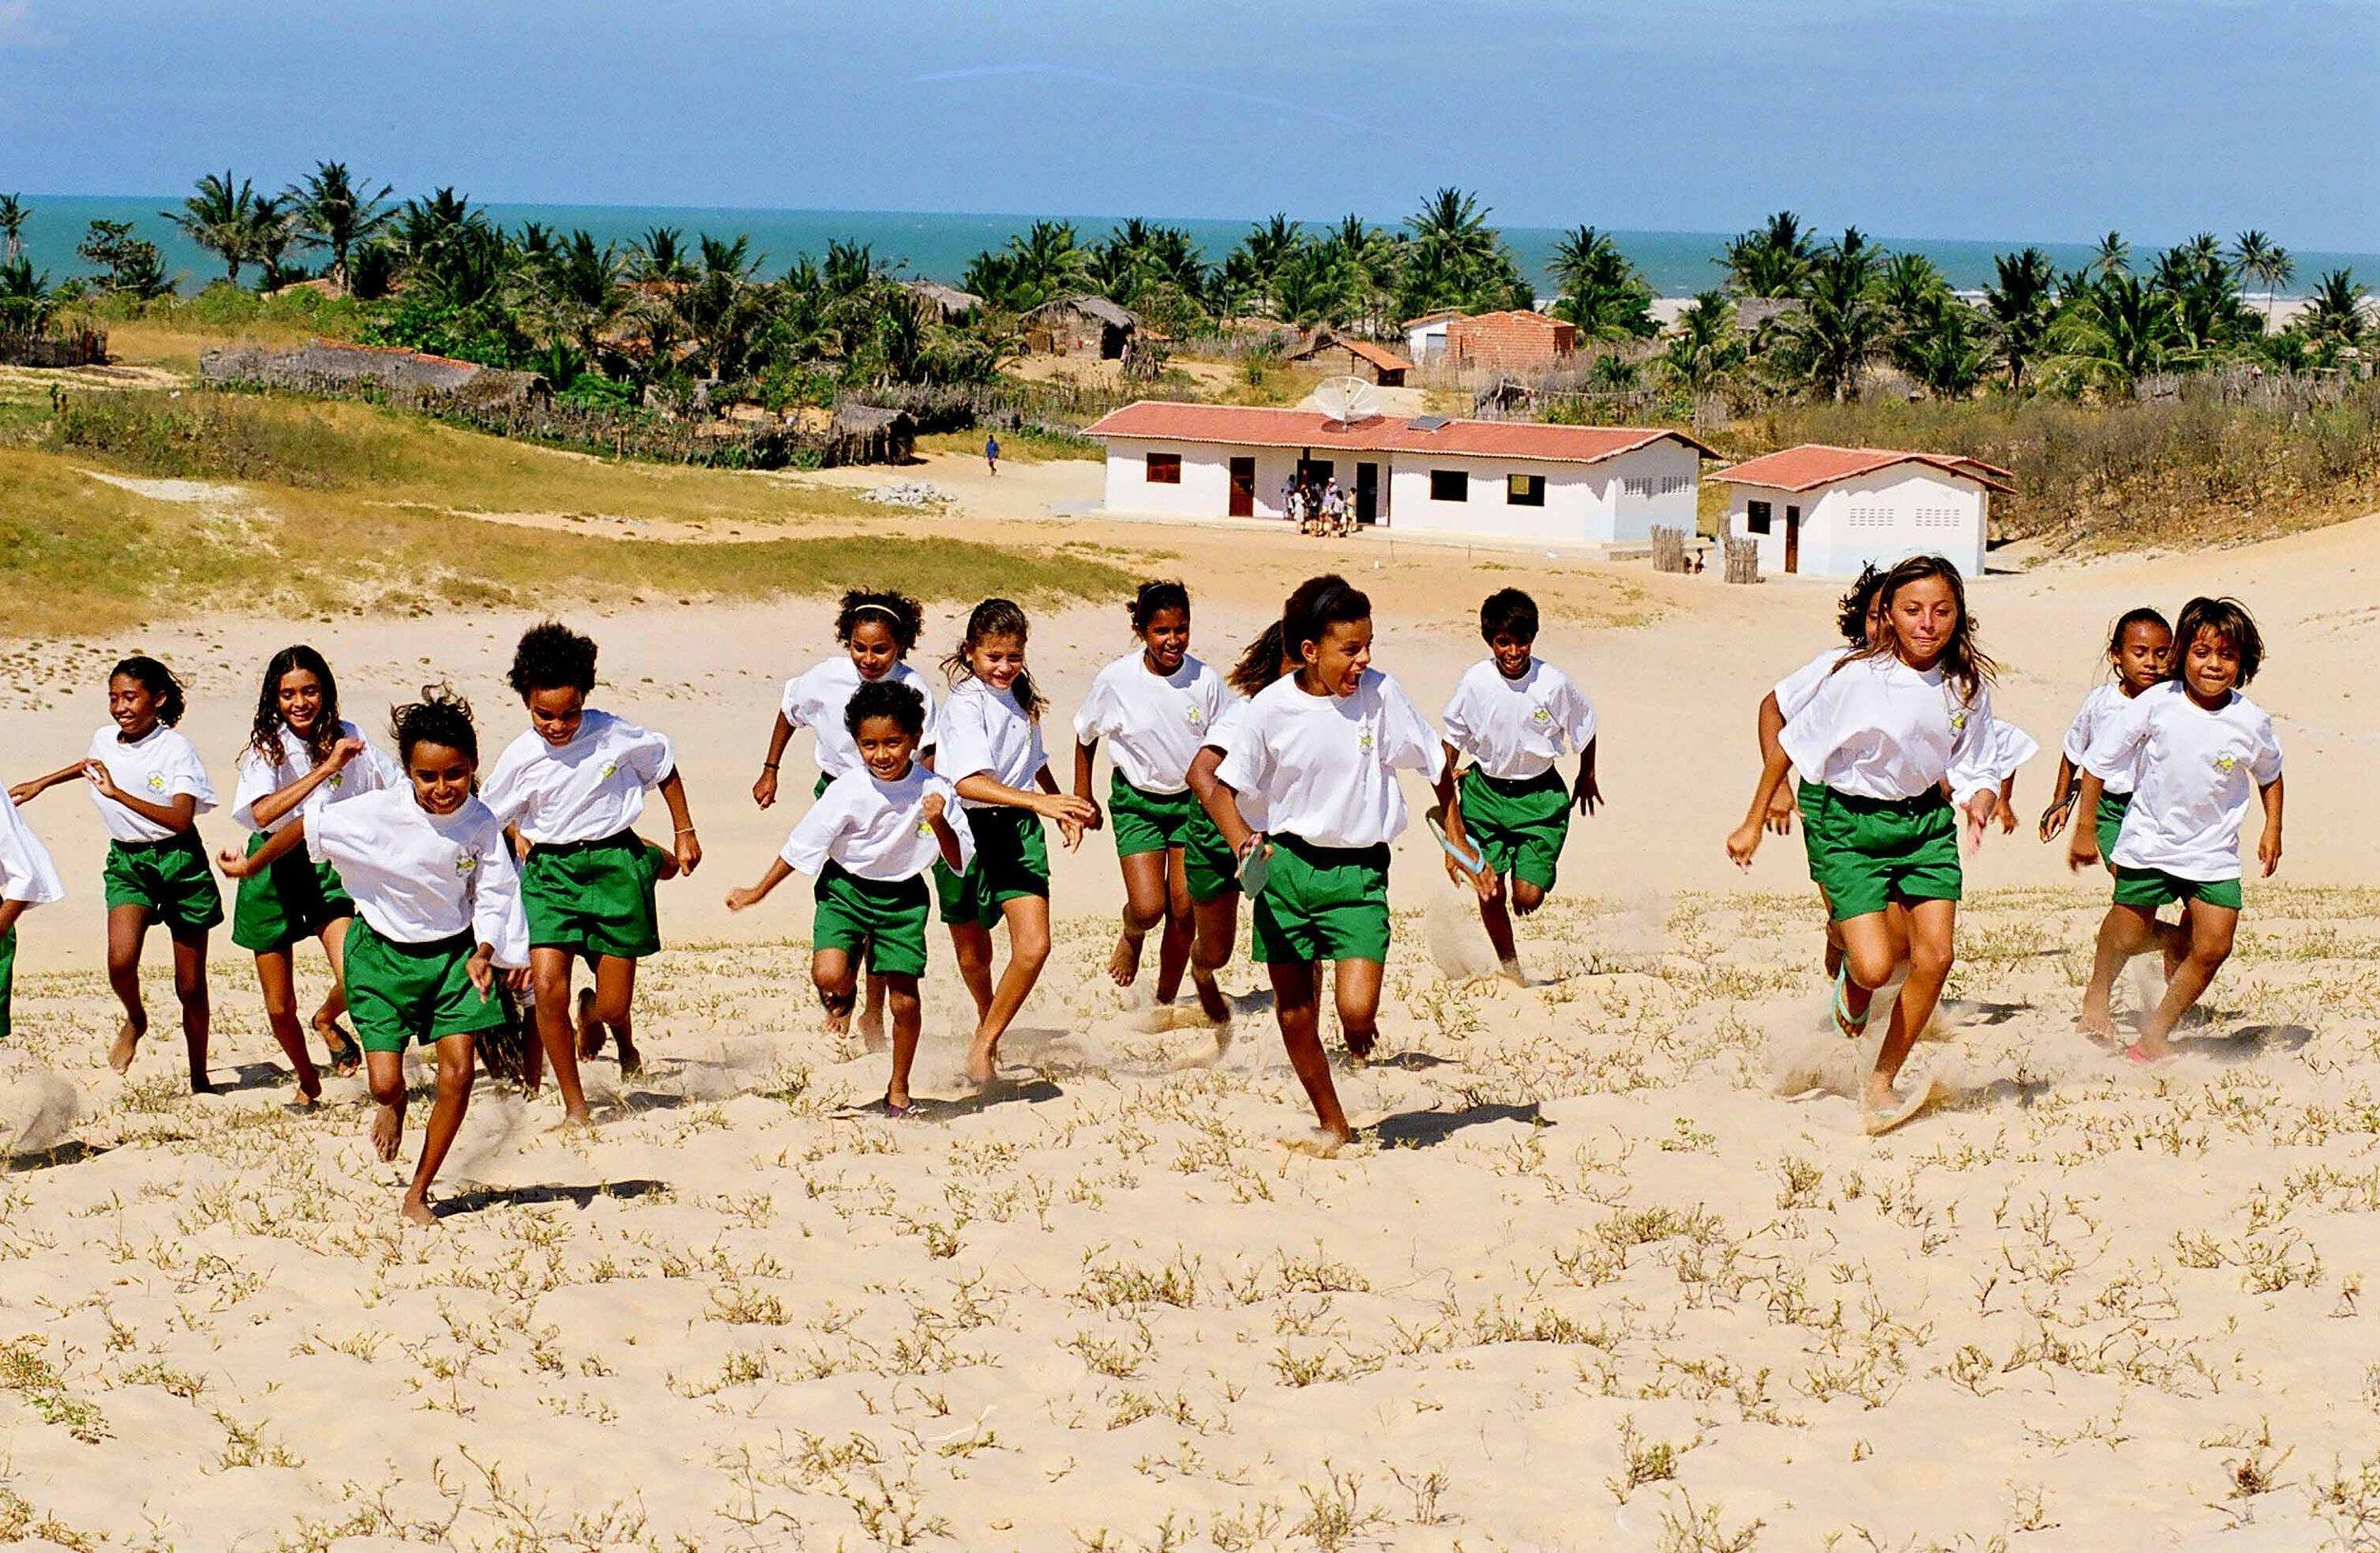 Crianças do Coral Canto verde, formado na escola da Prainha do Canto verde, litoral do Ceará / Imagem por Mila Pretrillo Acervo René Schärer